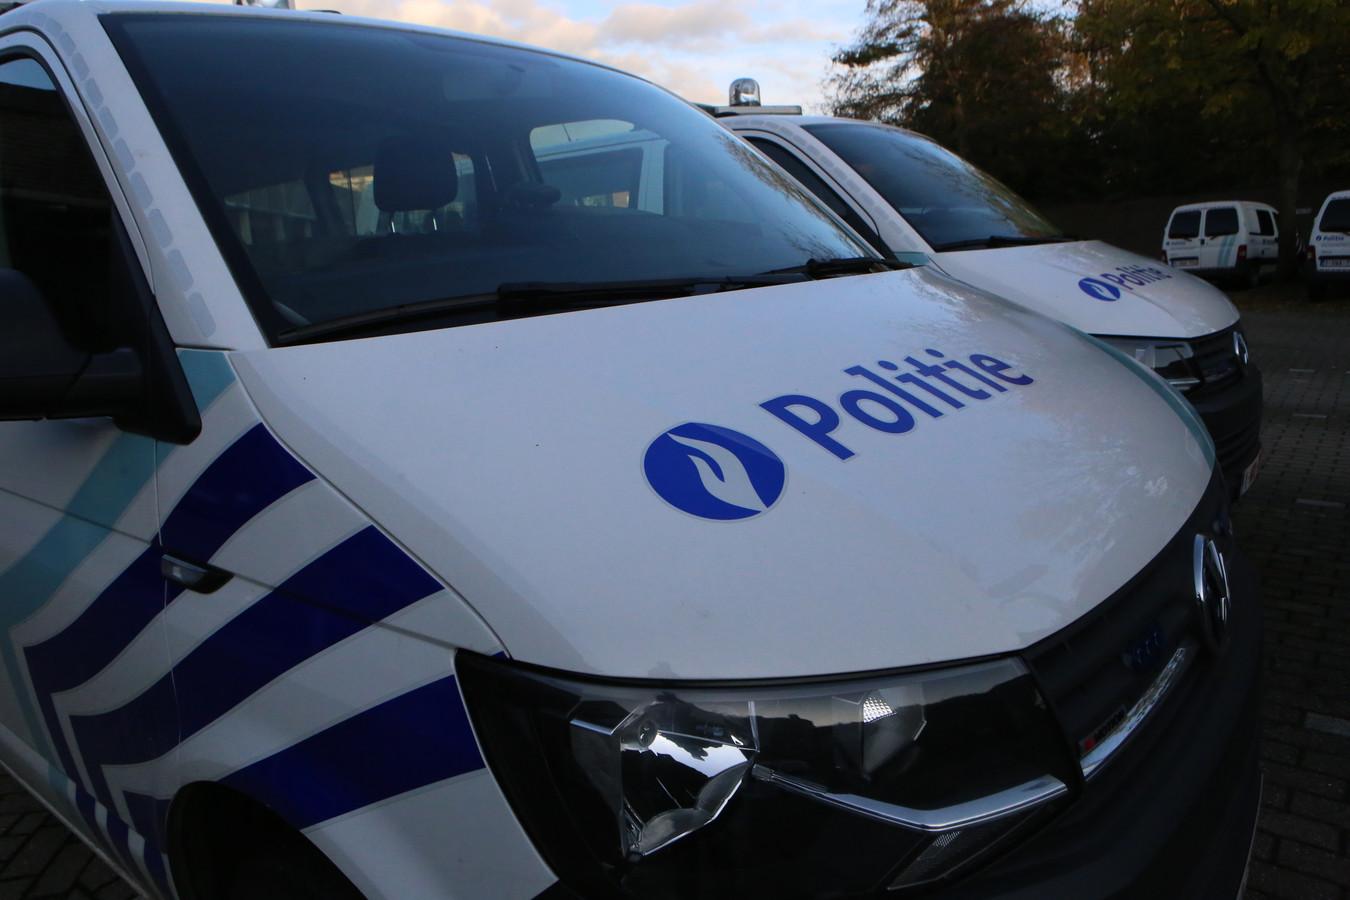 De politie die ter plaatse kwam voor de nodige vaststellingen, opende een onderzoek naar de mogelijke daders.